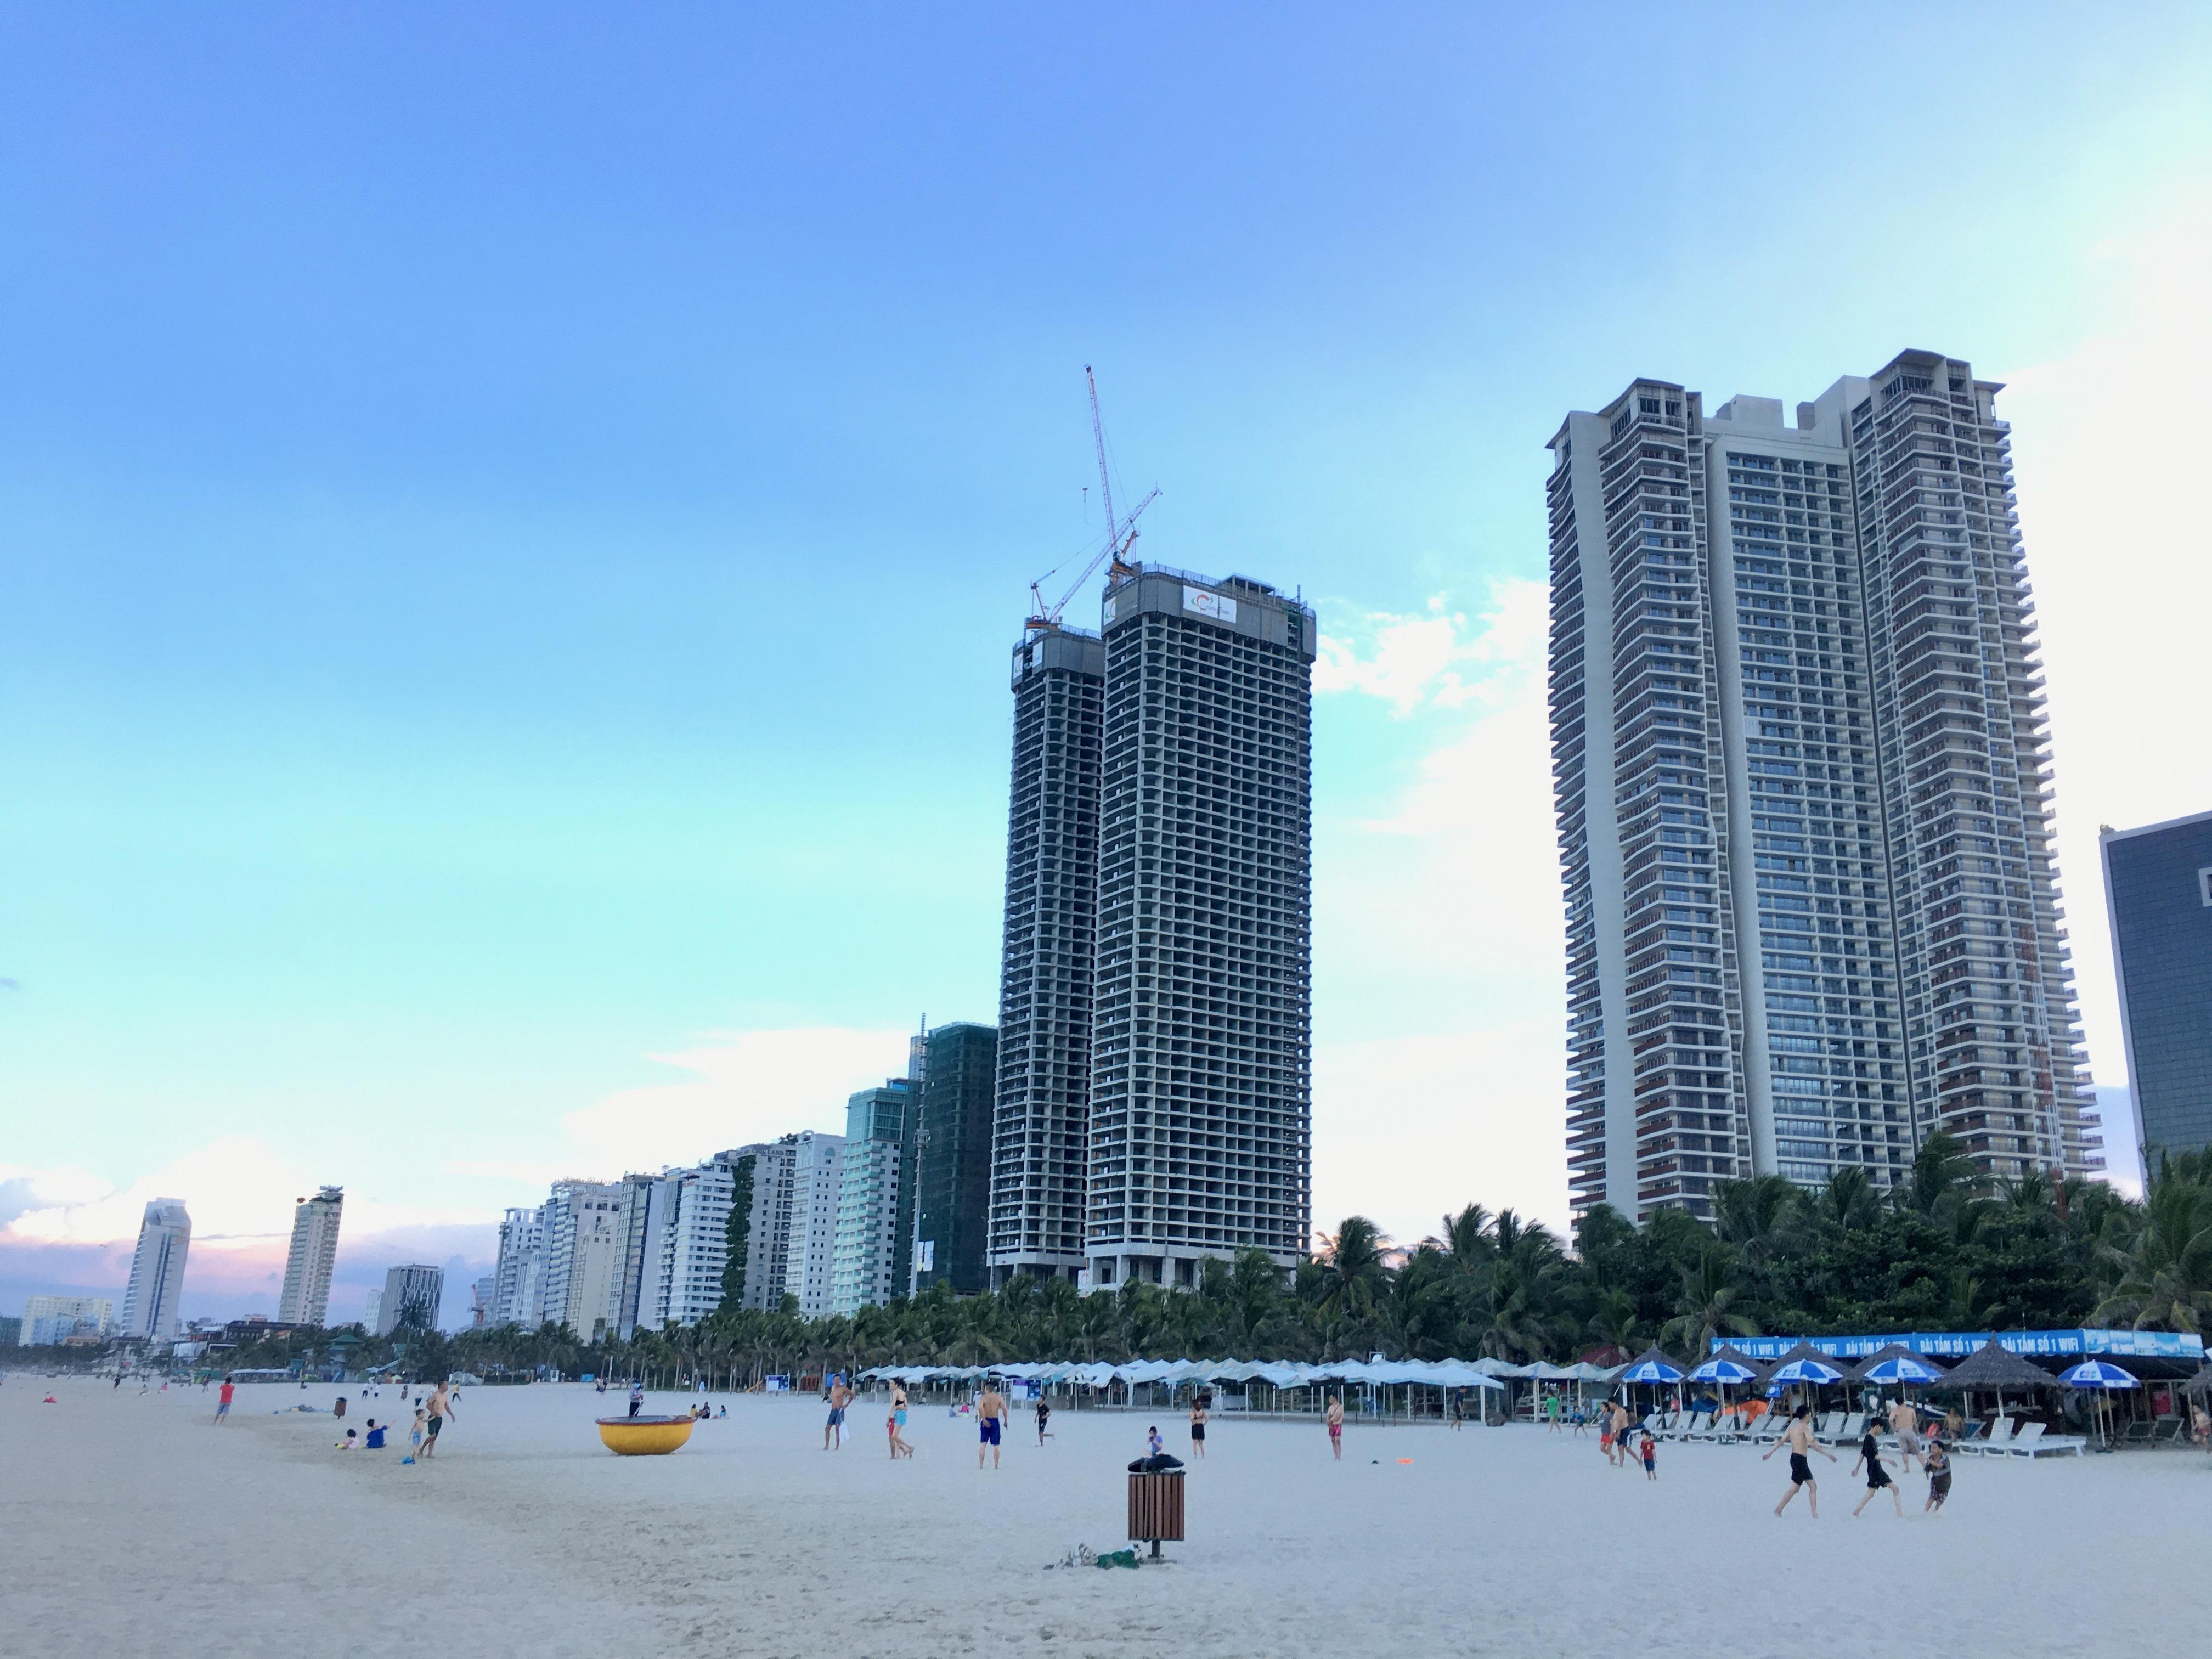 Phố khách sạn Đà Nẵng 'tối đèn', rao bán hàng trăm tỉ đồng - Ảnh 1.